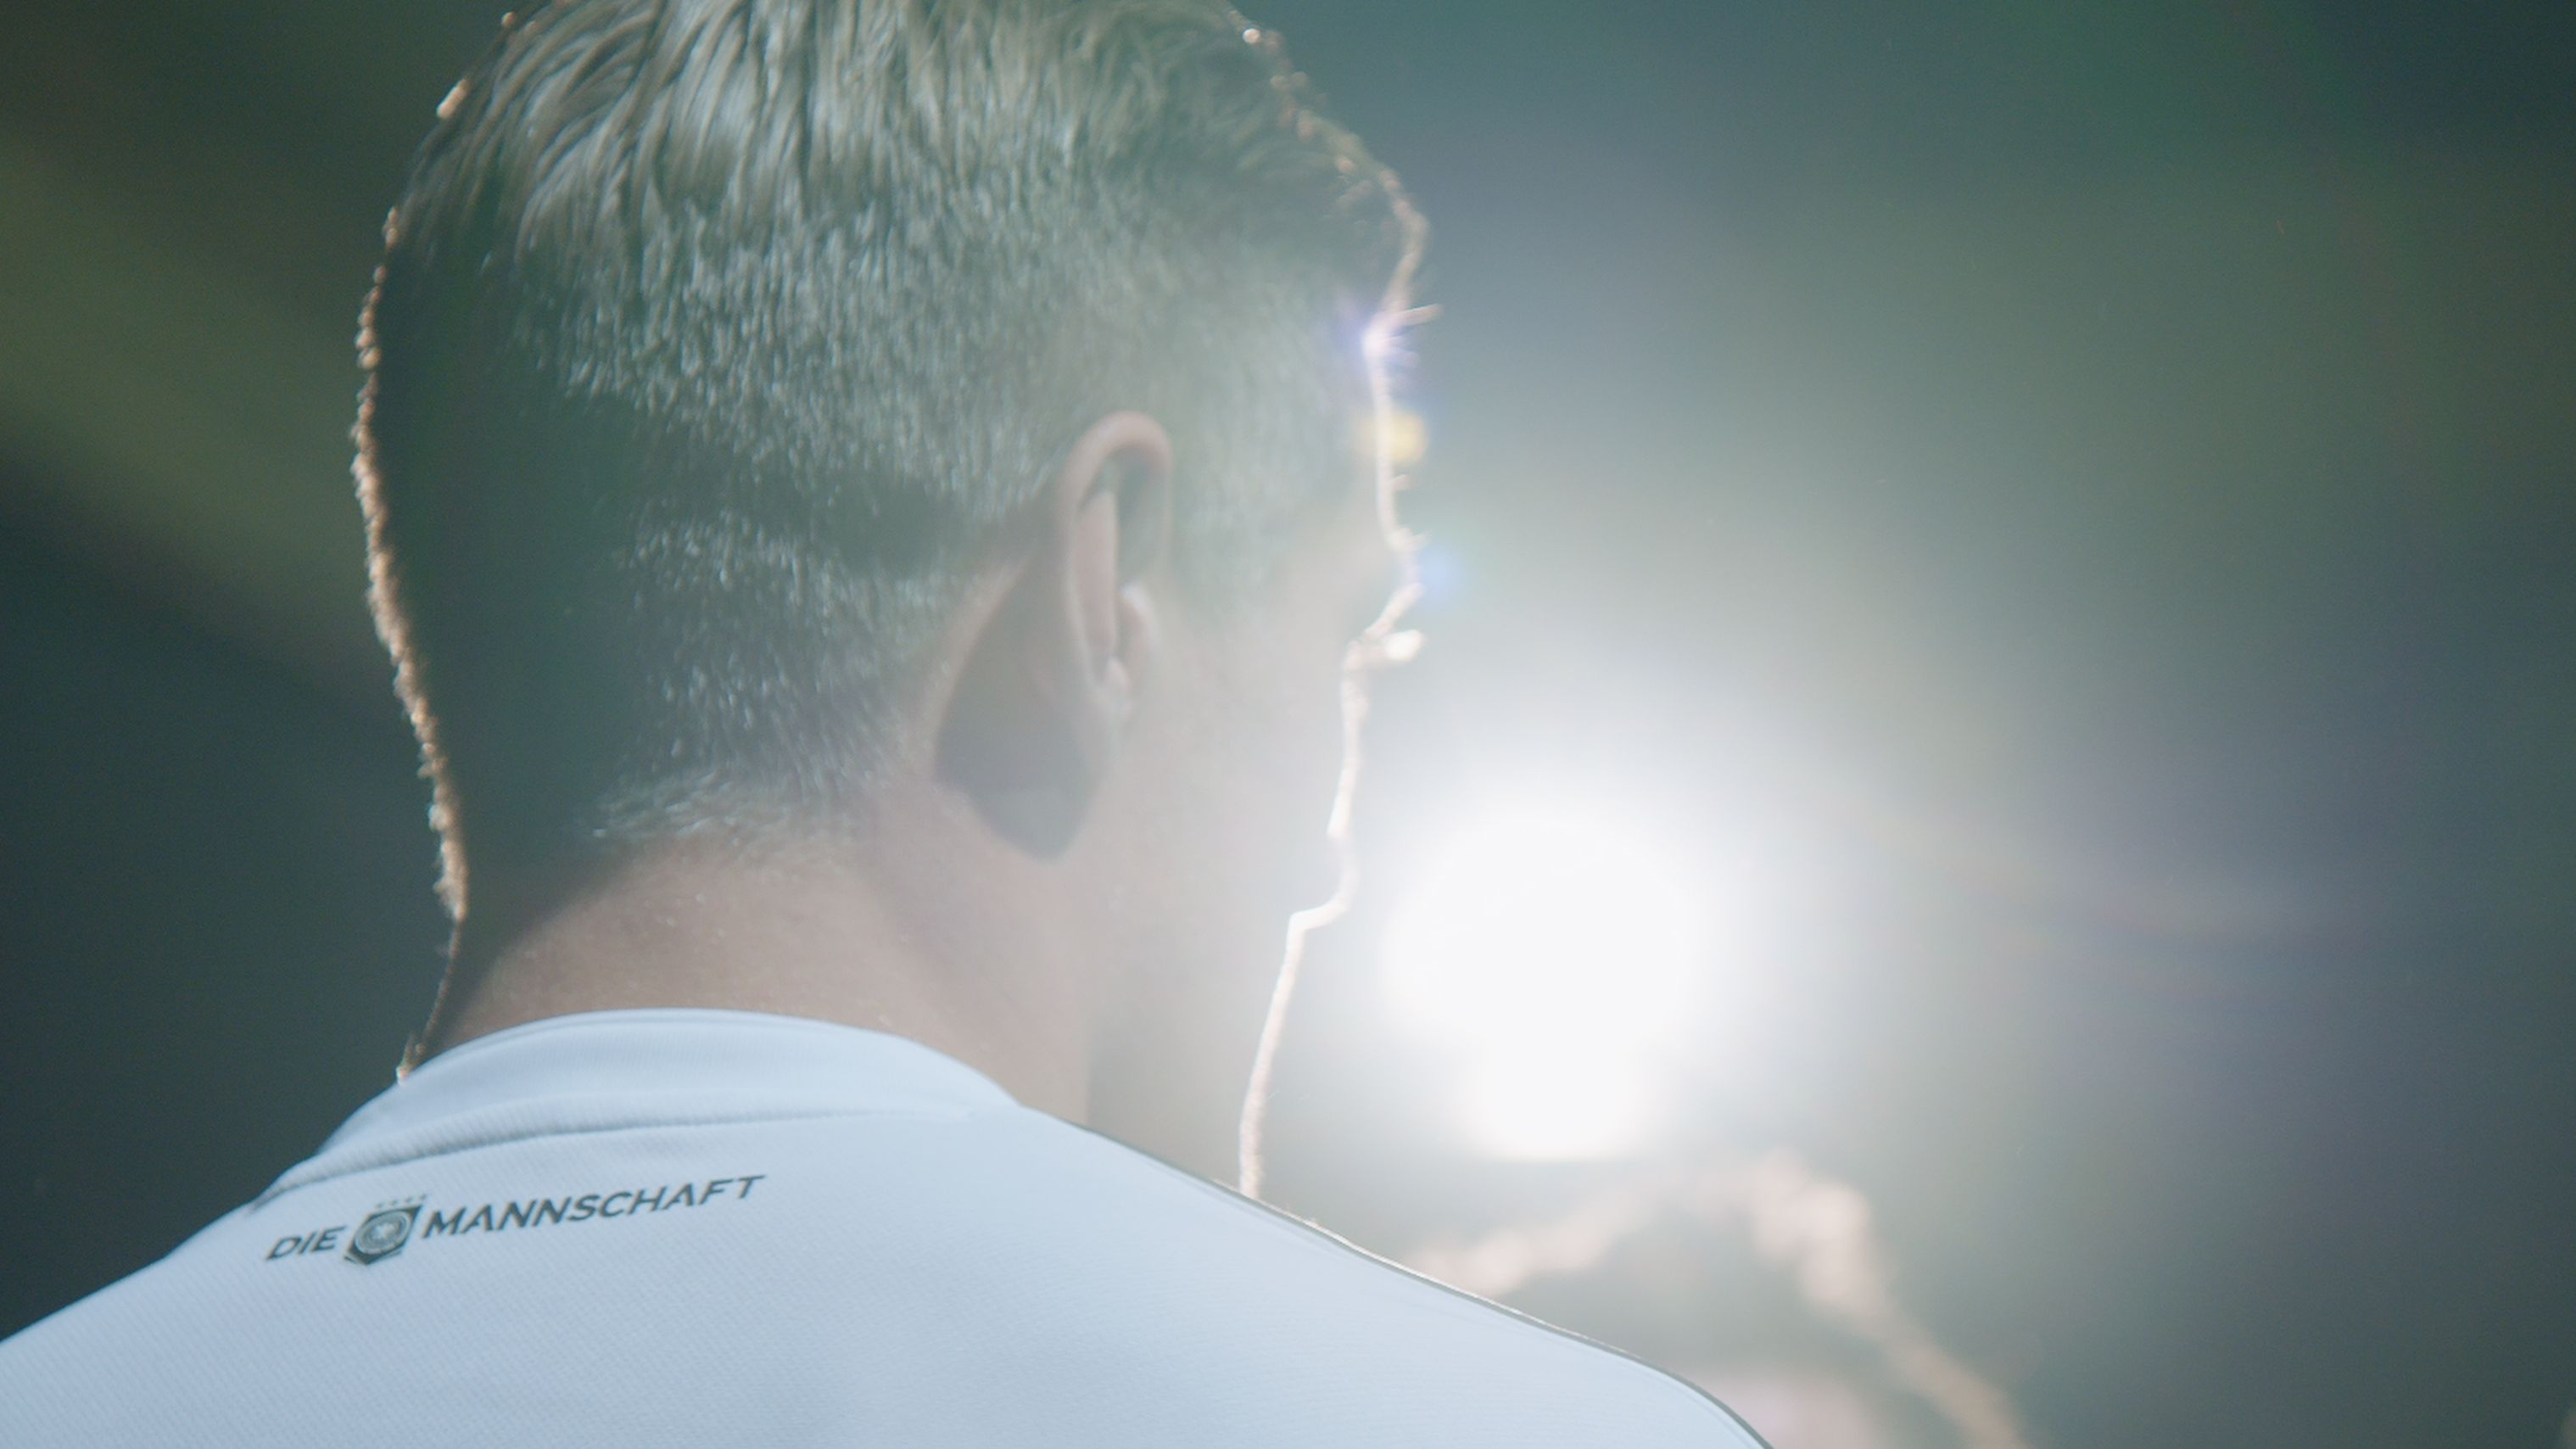 Toni Kross in Rückenansicht im Nationalmannschaftstrikot